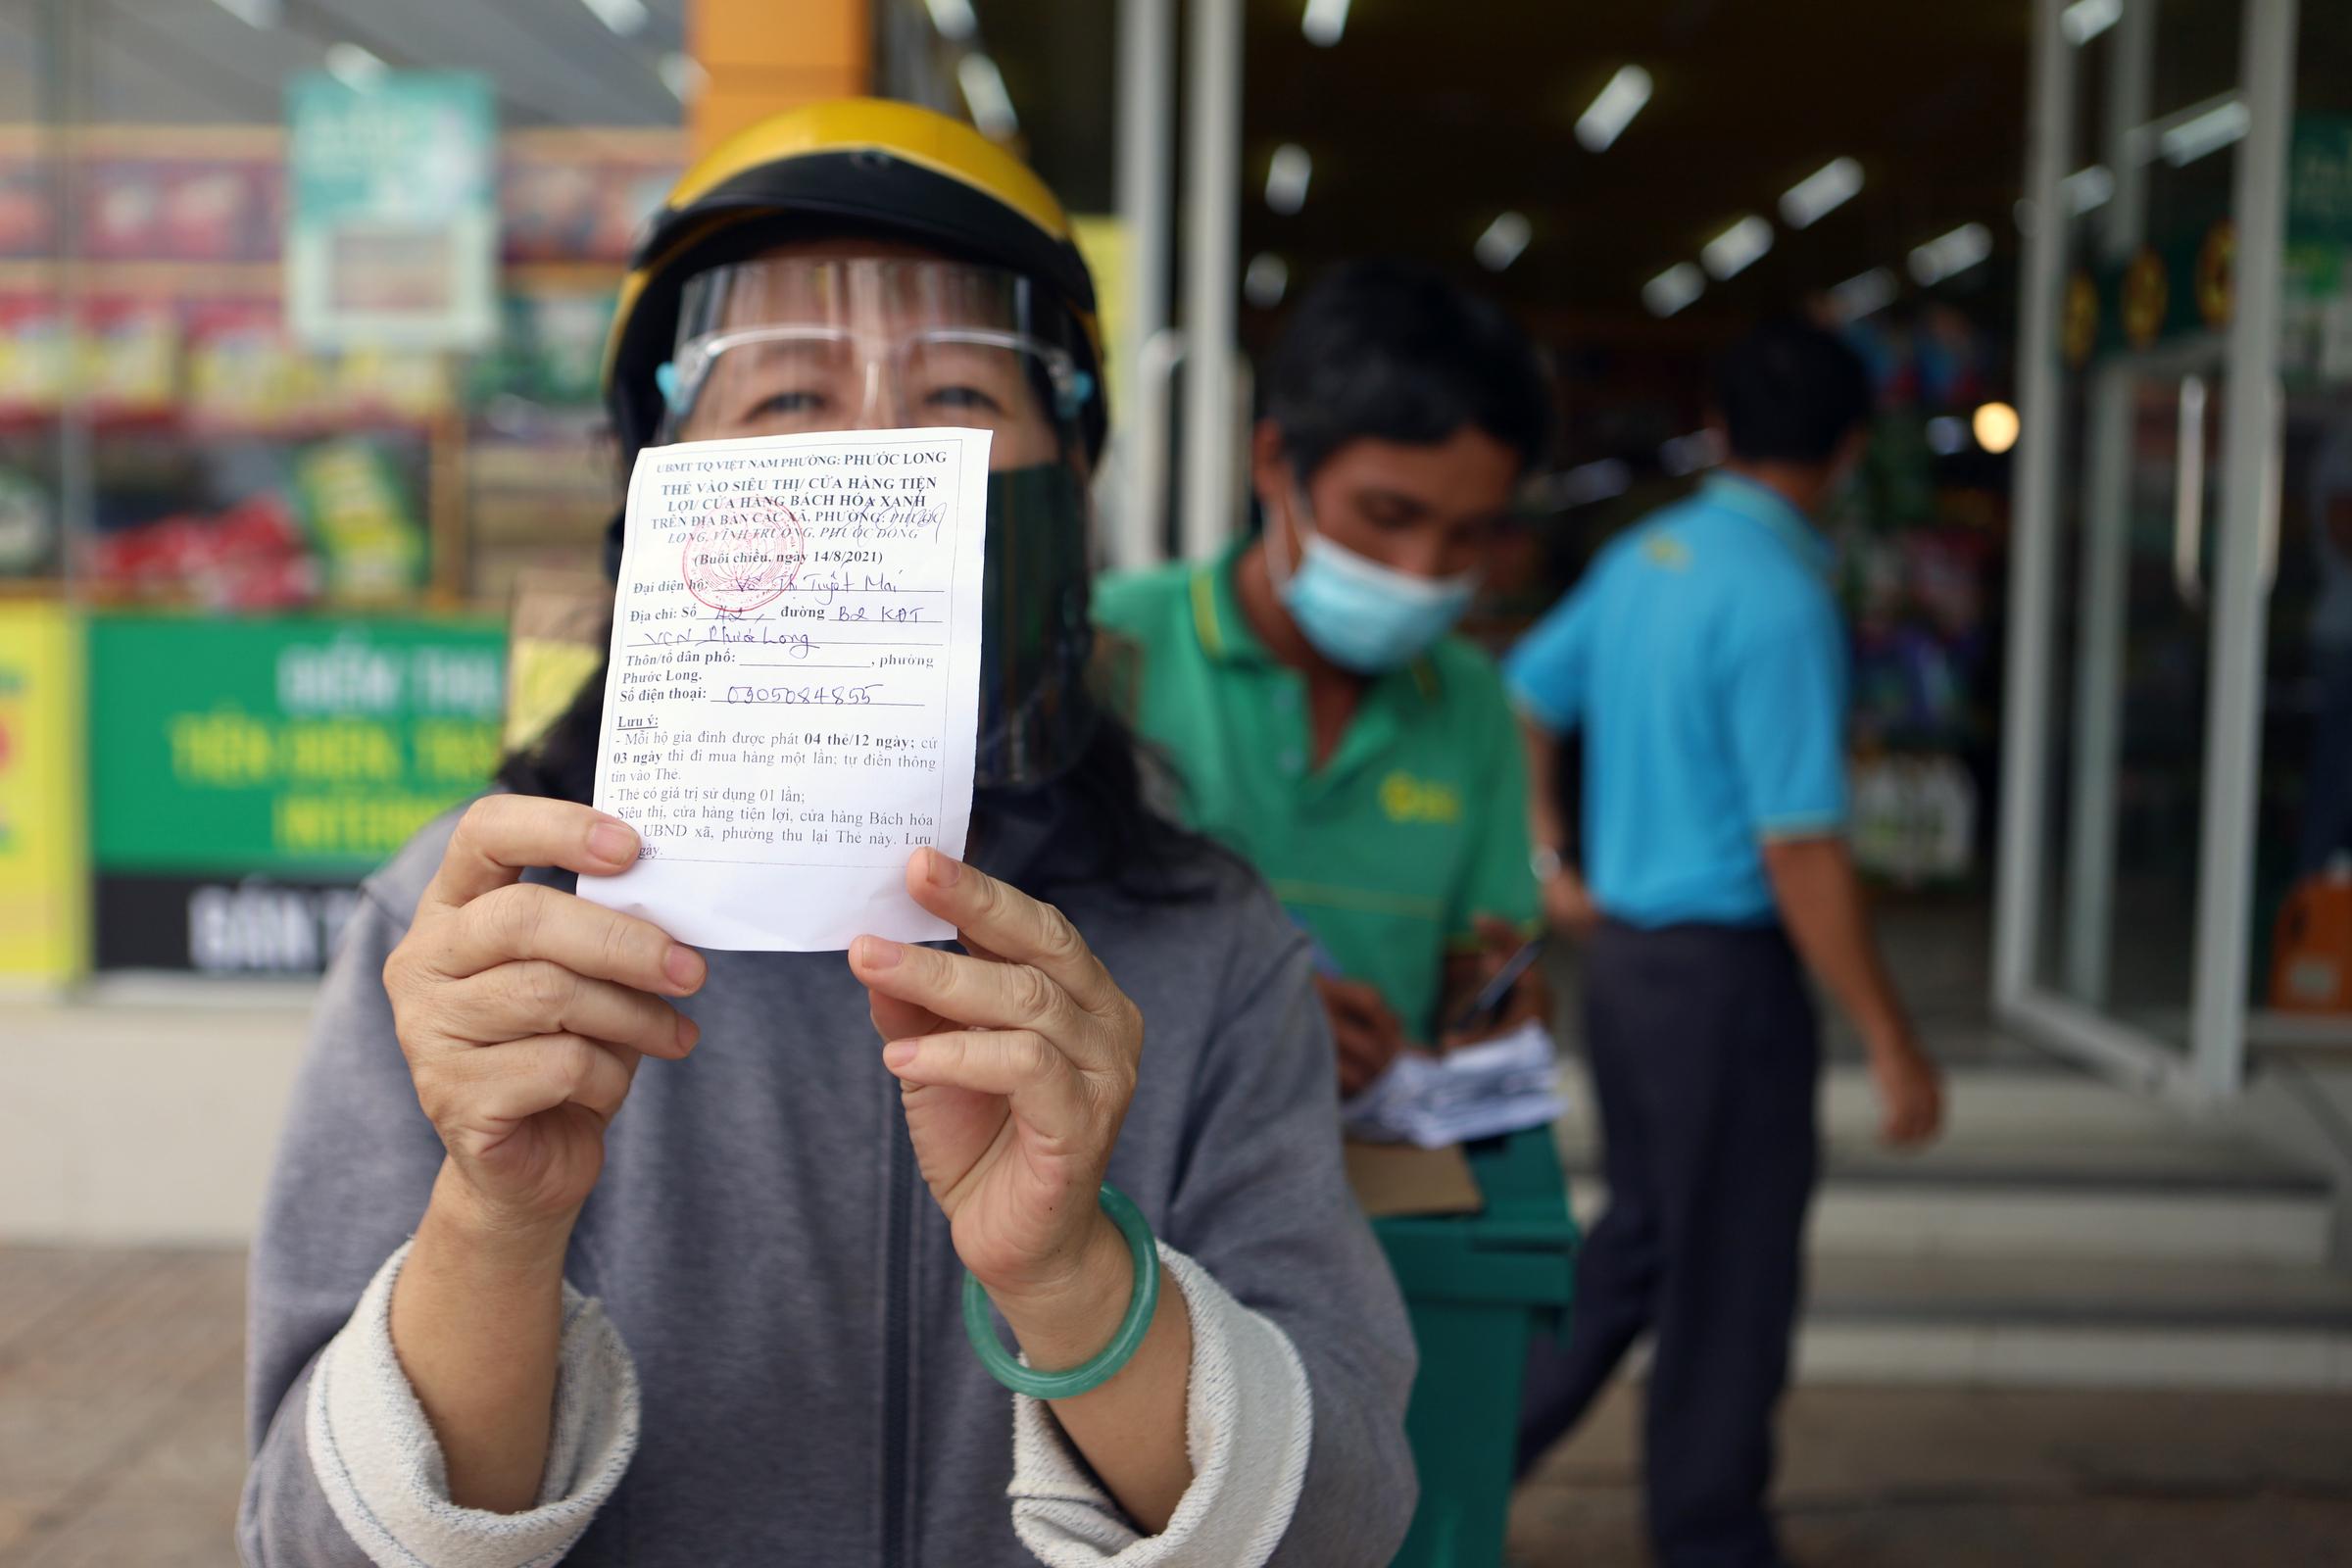 Người dân đi chợ tại Bách Hóa Xanh ở TP Nha Trang (Khánh Hoà), ngày 14/8. Ảnh: Xuân Ngọc